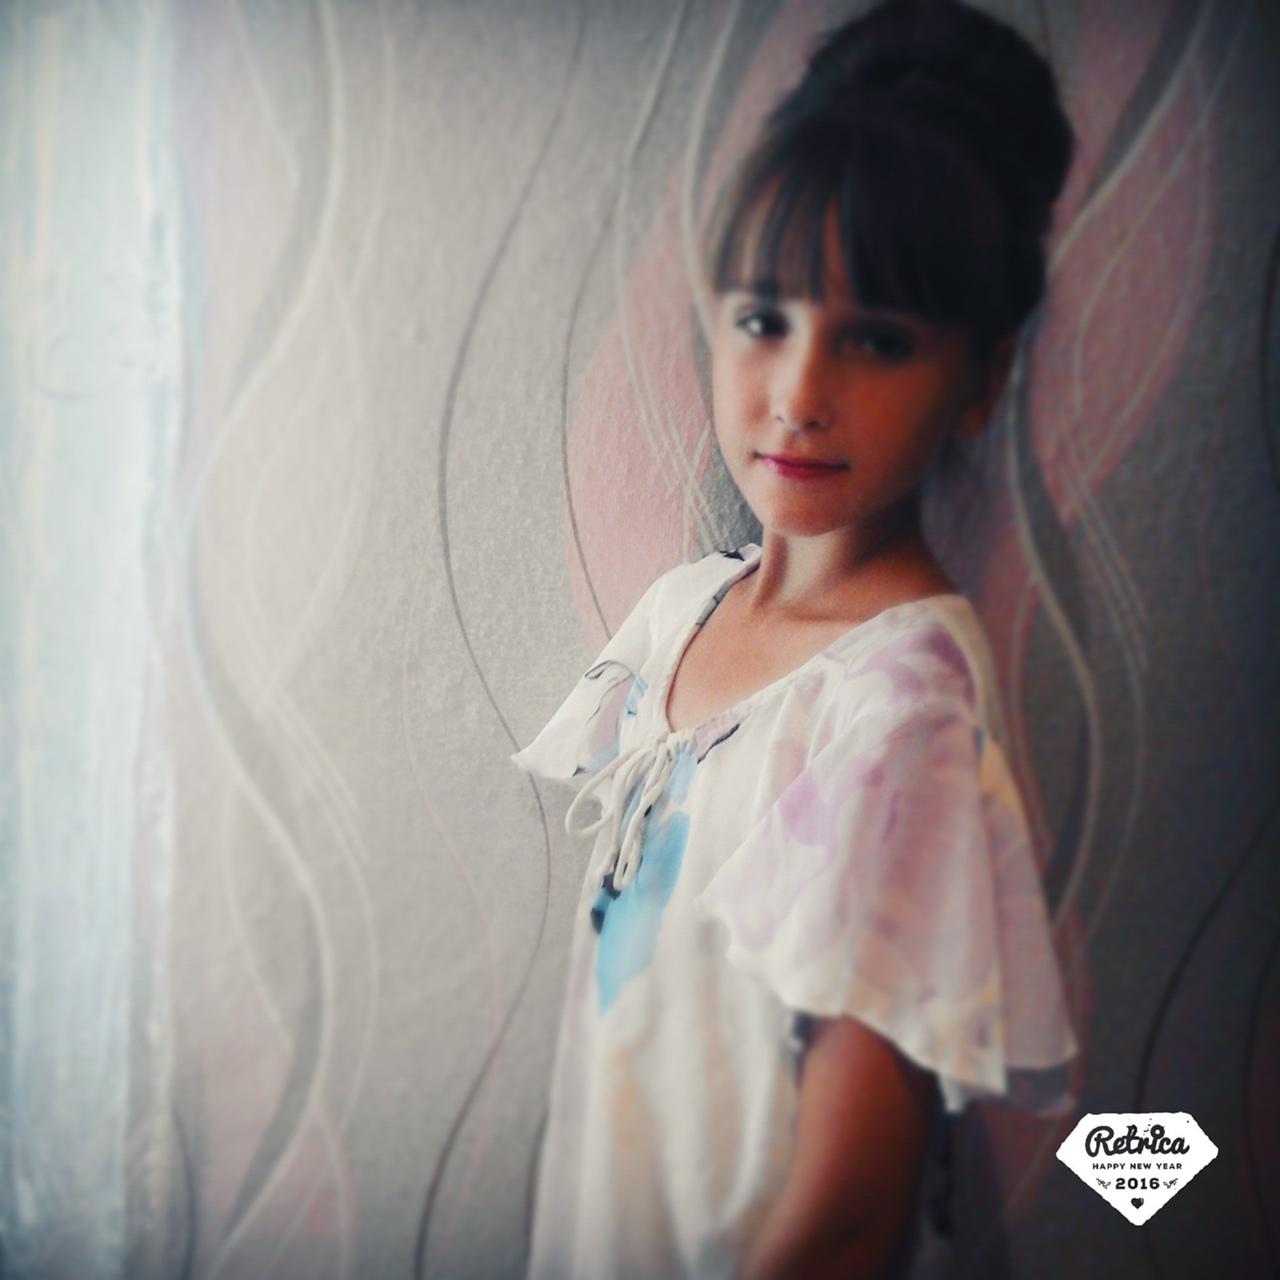 фото из альбома Натальи Пономарёвой №8